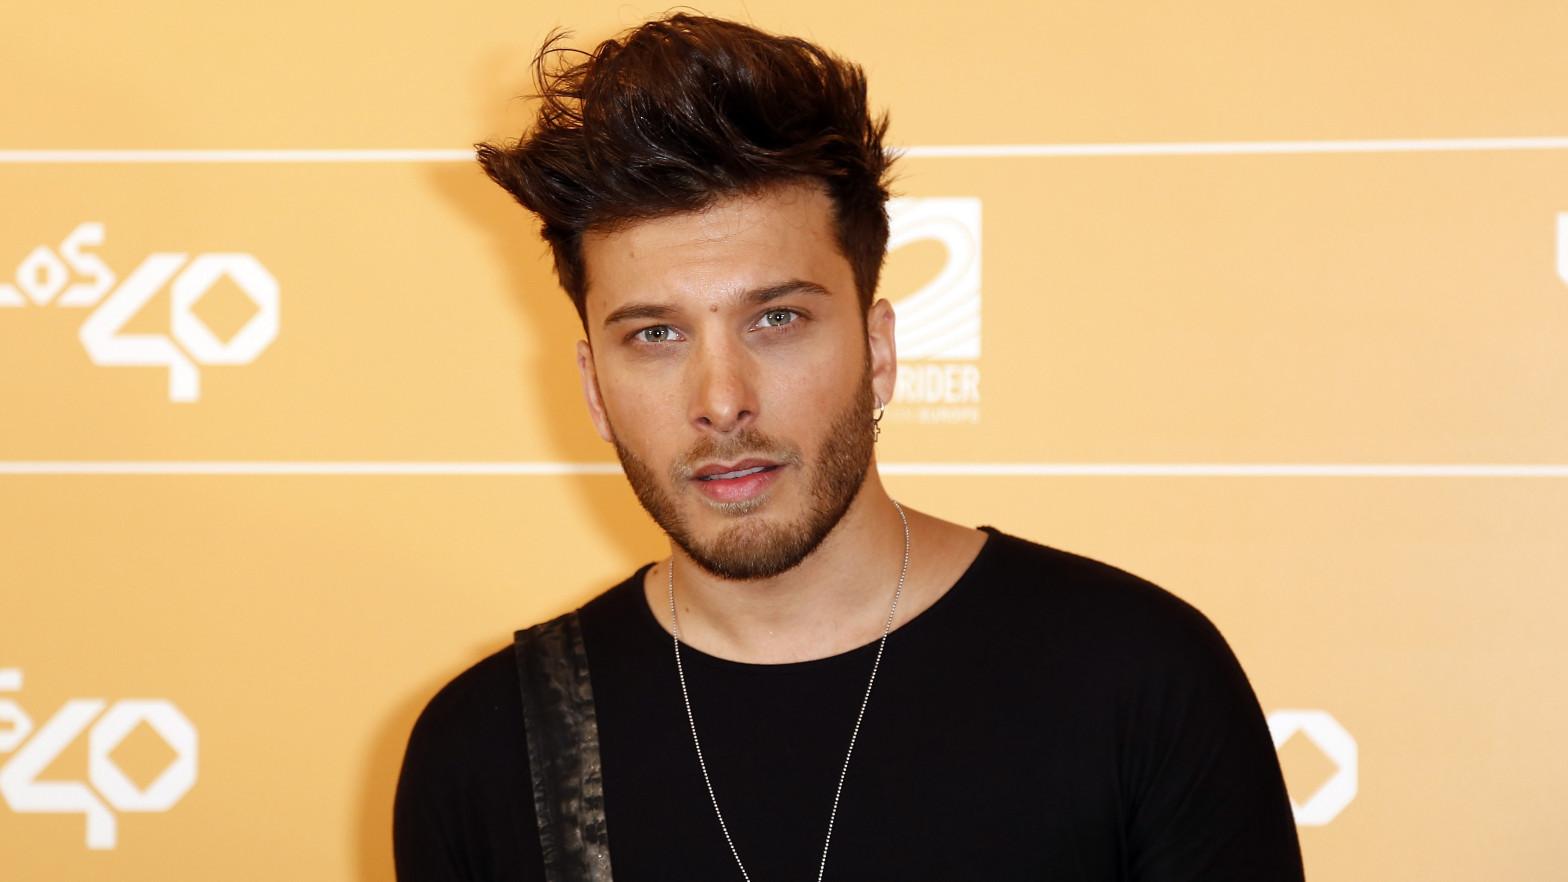 Las primeras apuestas sobre Eurovisión 2021 sitúan a Blas Cantó entre la posición 29 y 33, según Betfair